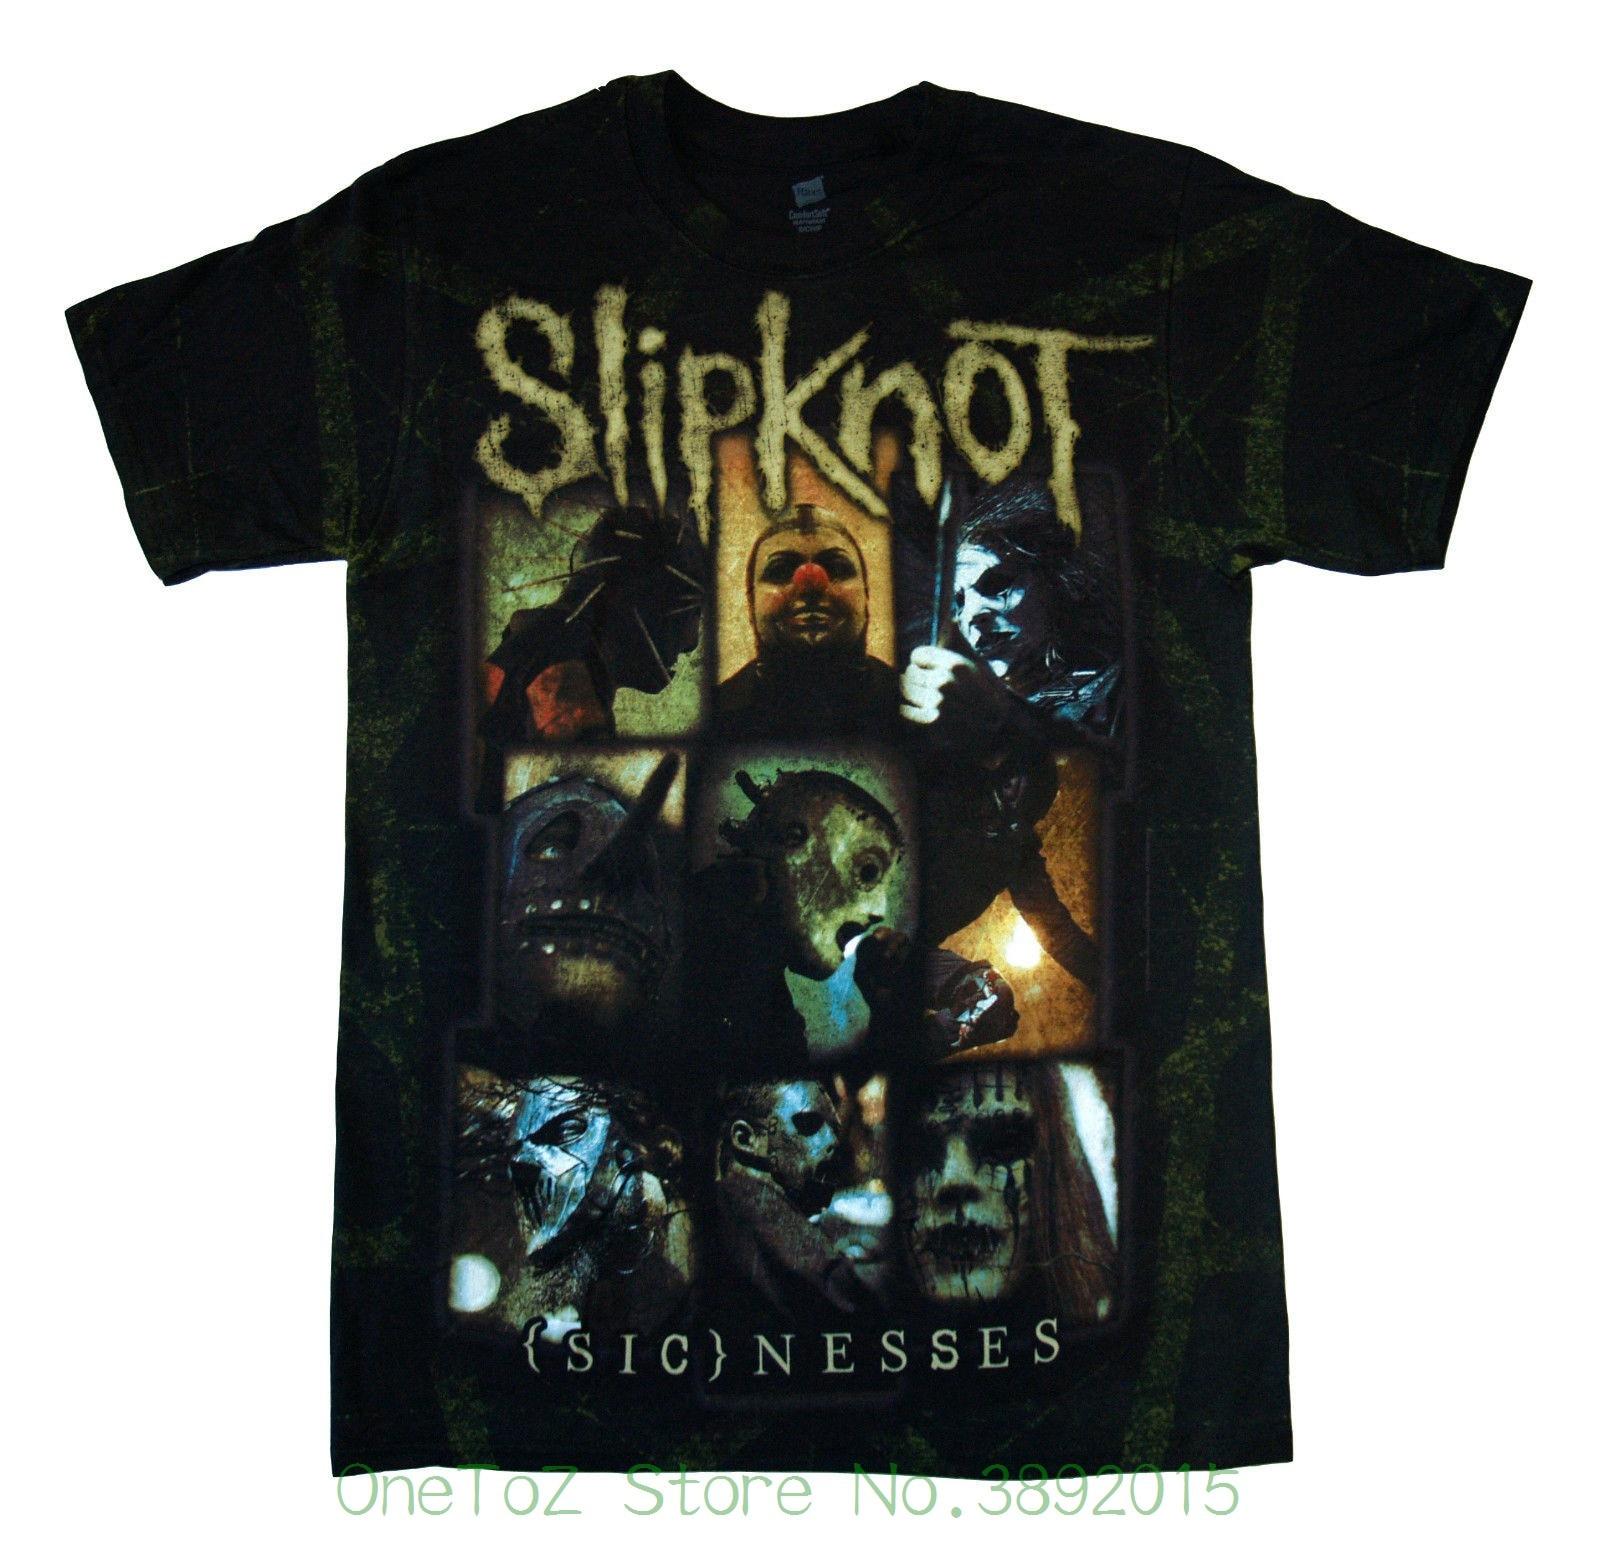 Pre - Cotton Tee Shirt For Men Slipknot - Sickness - T Shirt S , M , L , Xl - 2xl Brand New - Official Merchandise